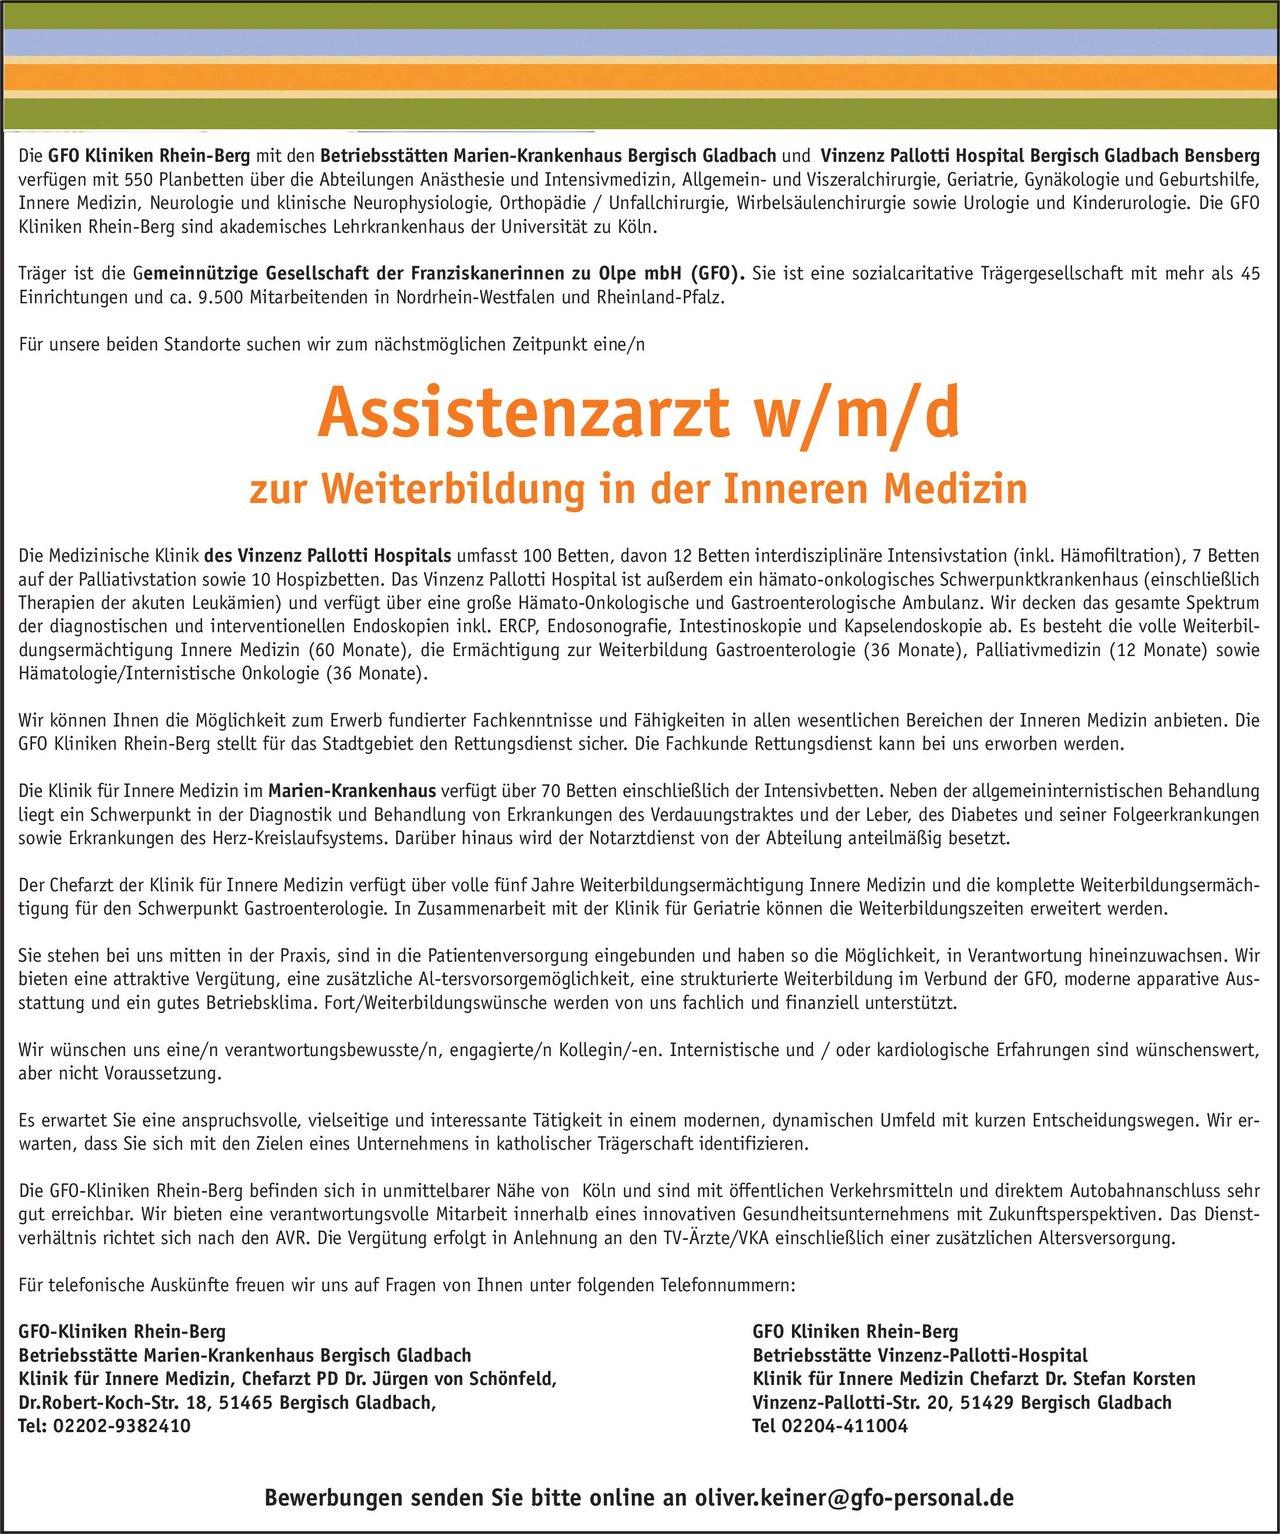 GFO Kliniken Rhein-Berg - Marien-Krankenhaus Bergisch Gladbach Assistenzarzt w/m/d zur Weiterbildung in der Inneren Medizin  Innere Medizin, Innere Medizin Assistenzarzt / Arzt in Weiterbildung